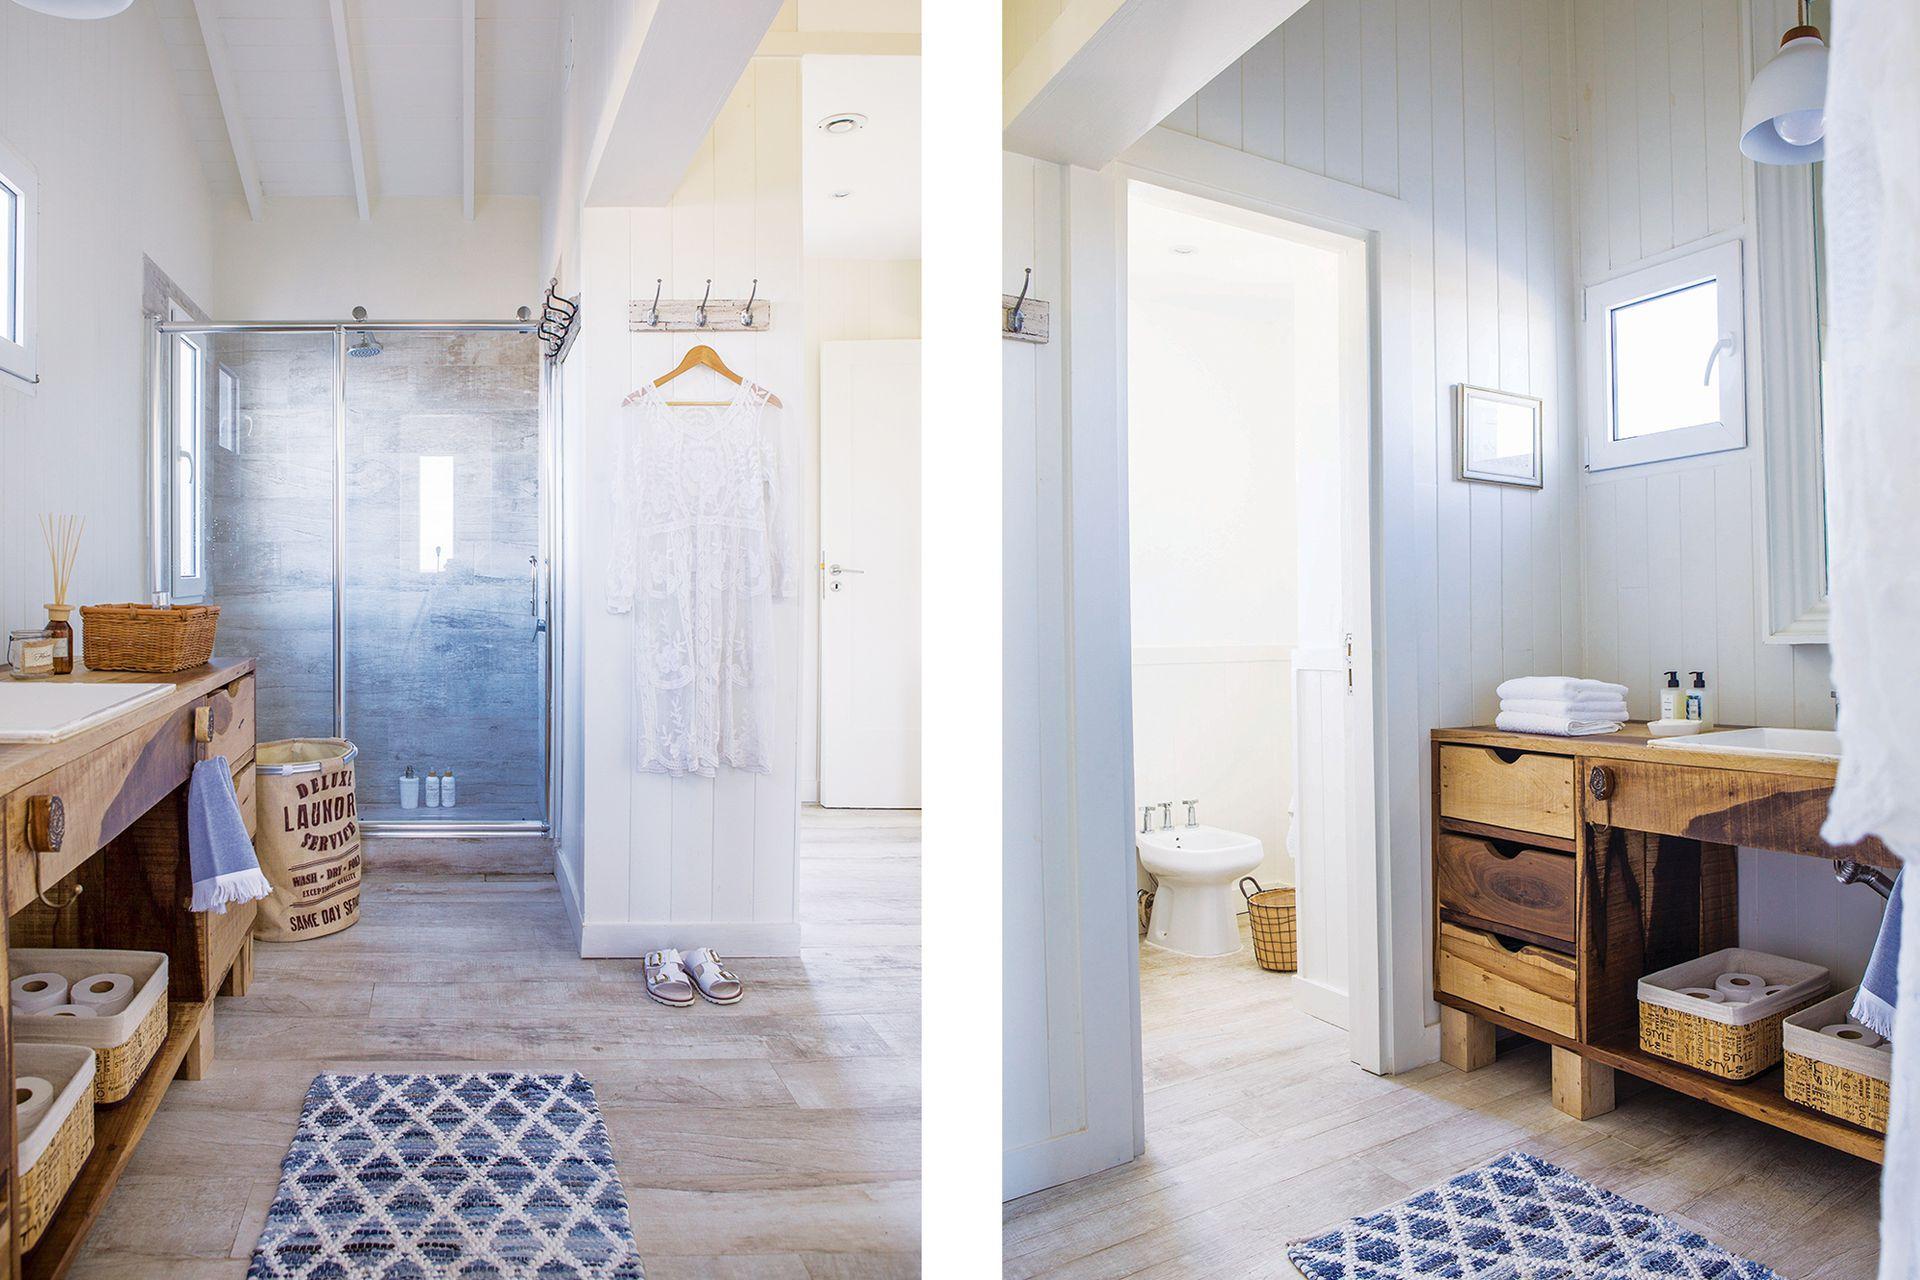 Mueble de guayubira (Lorenzo Cañete para Constructora VZ). Tapete y toallas (Blanquita Home). Mamparas, sanitarios y grifería (Navarro Ache).